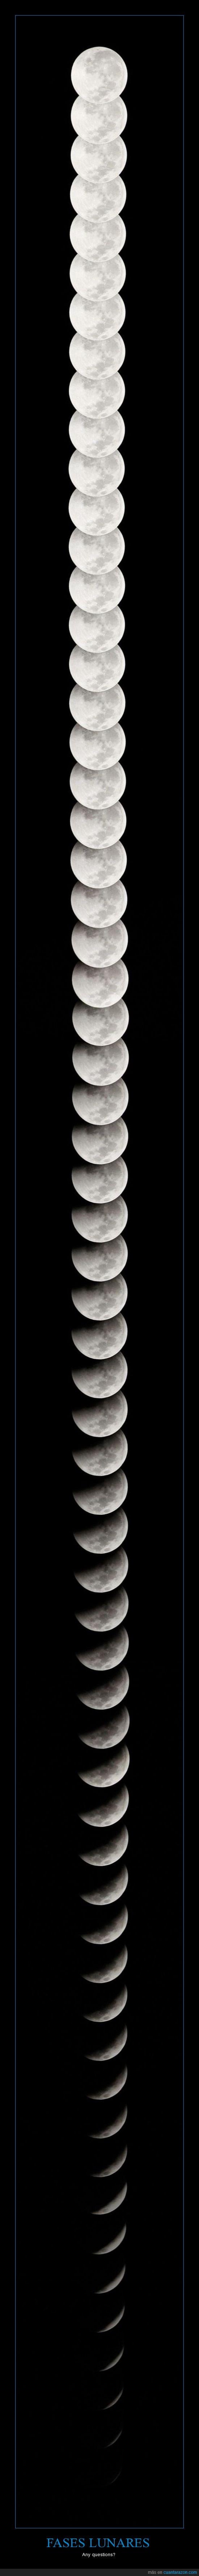 fases,llena,luna,menguante,nueva,penumbra,plenilunio